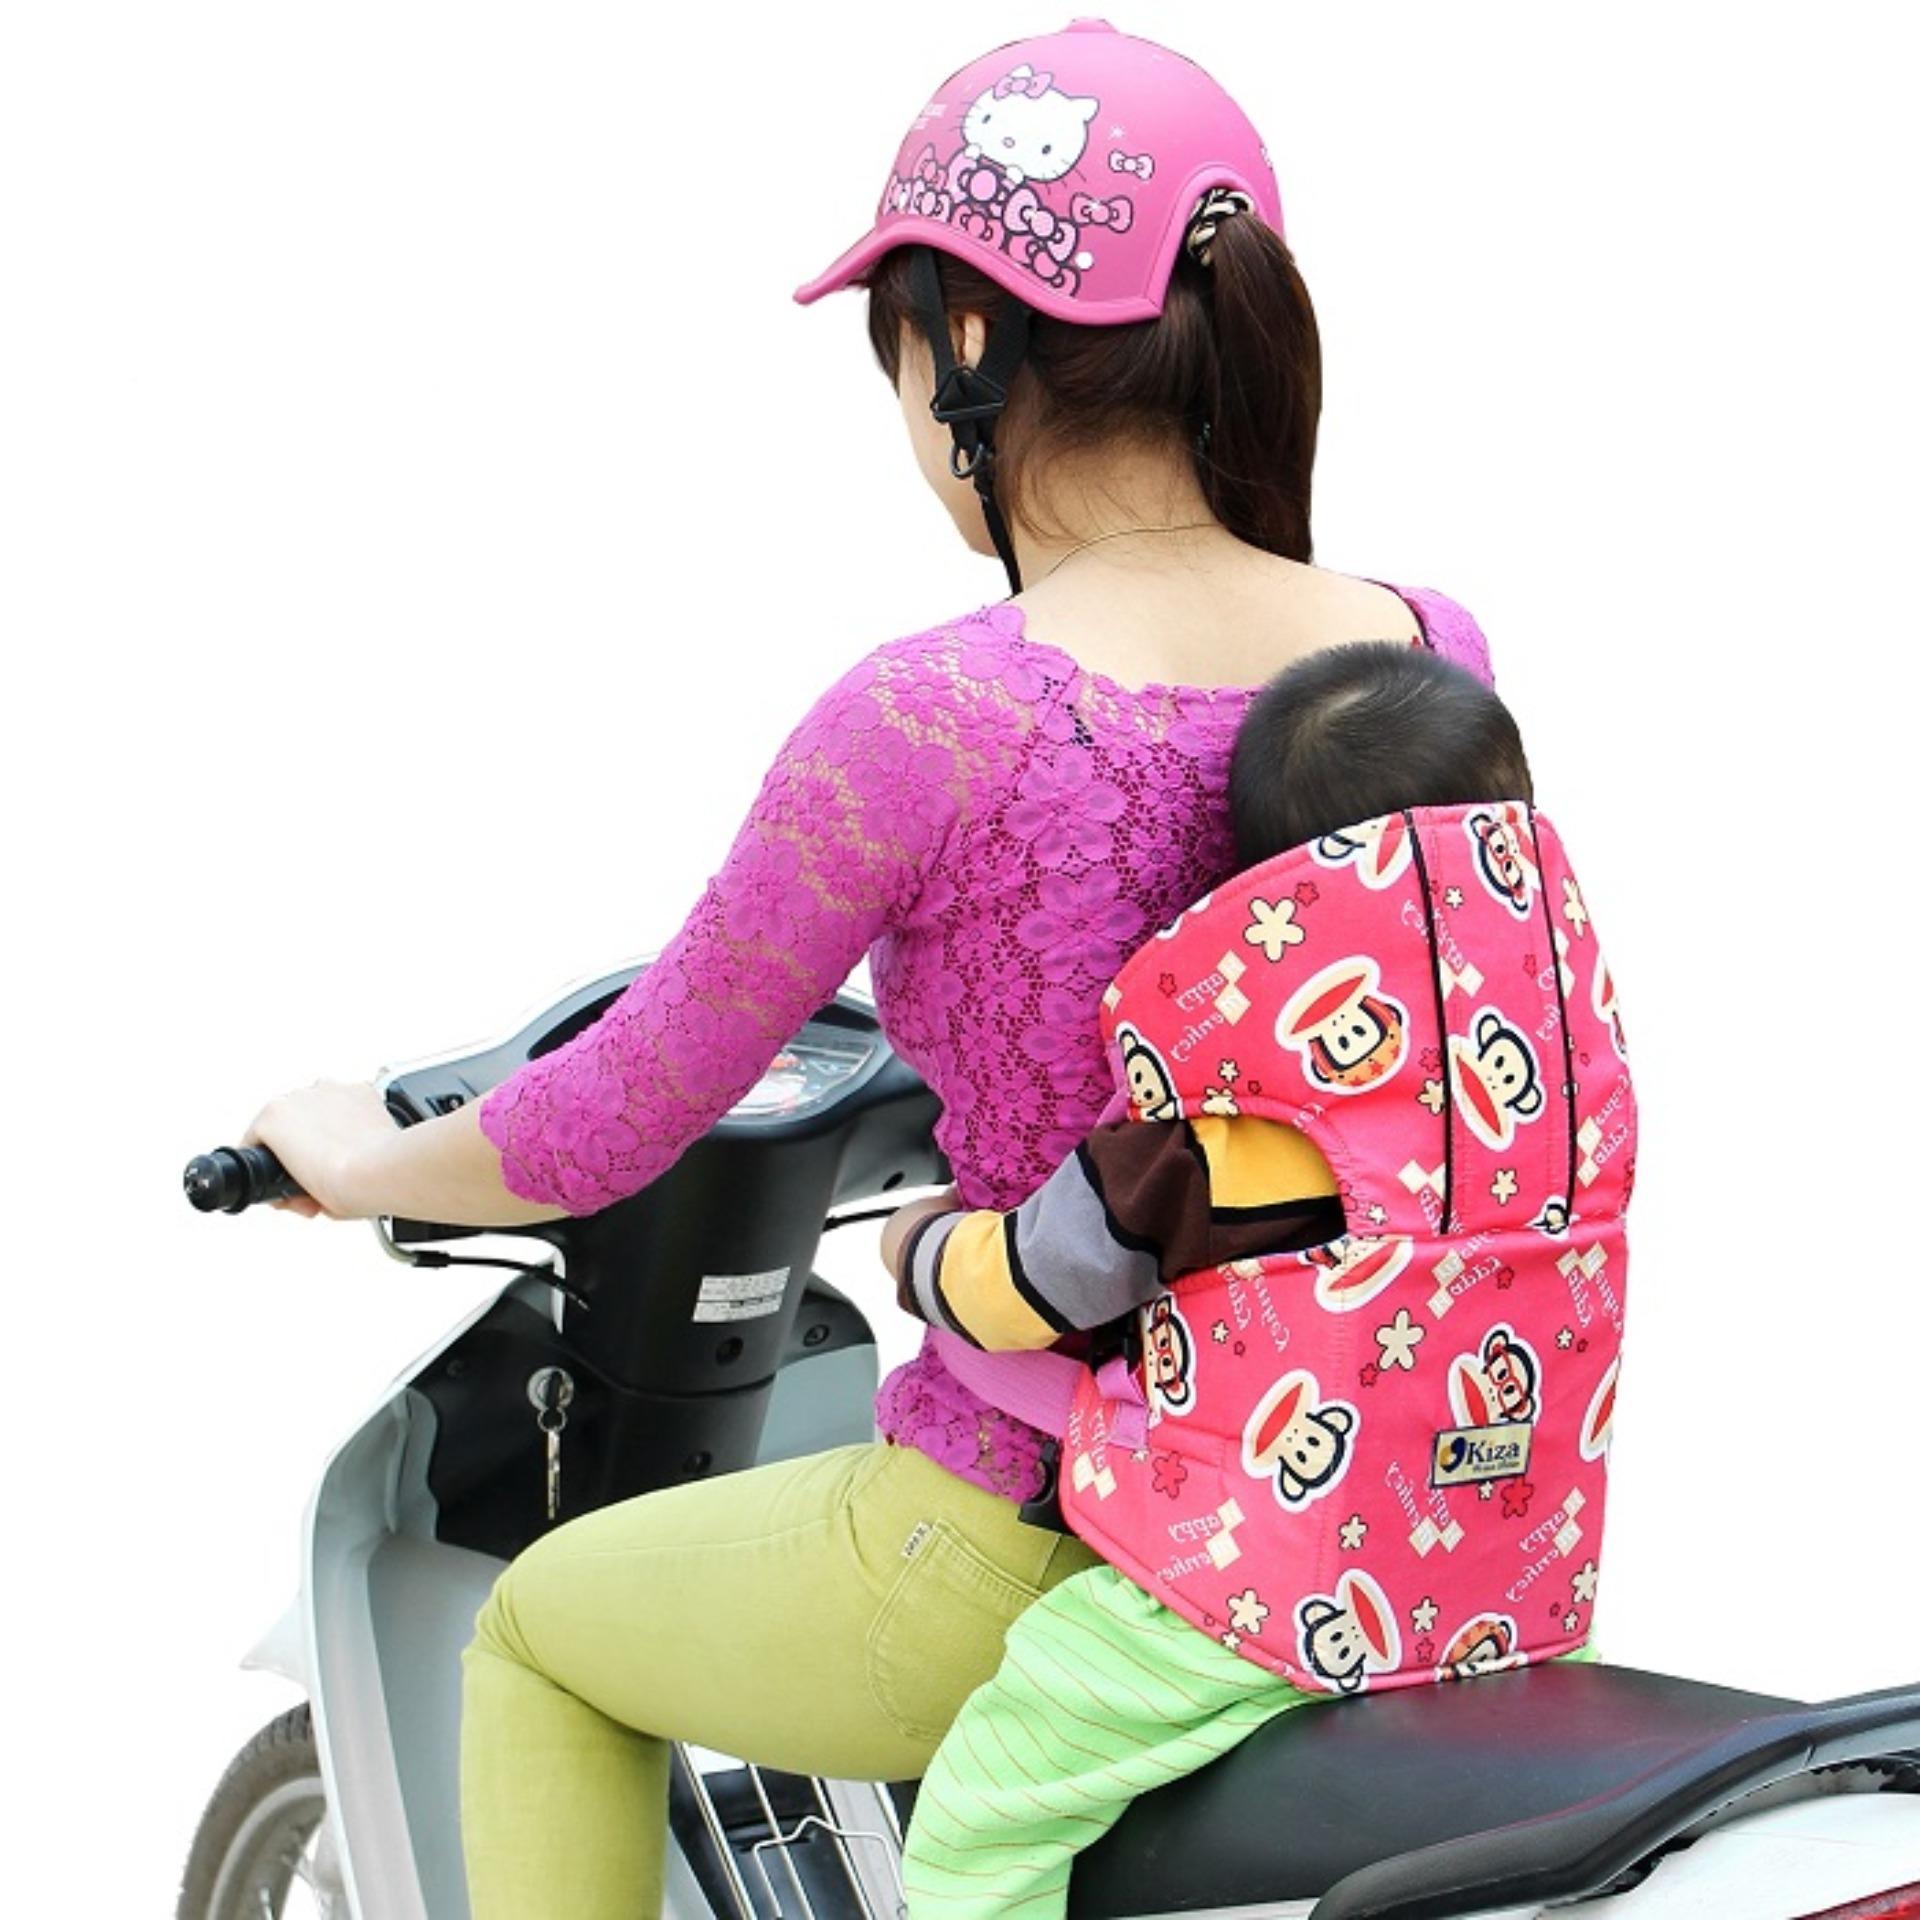 Bảng Báo Giá Đai đỡ cổ, mua địu em bé ở đâu hà nội, đaiđịutrẻsơ sinh an toàn cho bé đixe máy- Bảo hành 1 đổi 1 bởi Click Buy